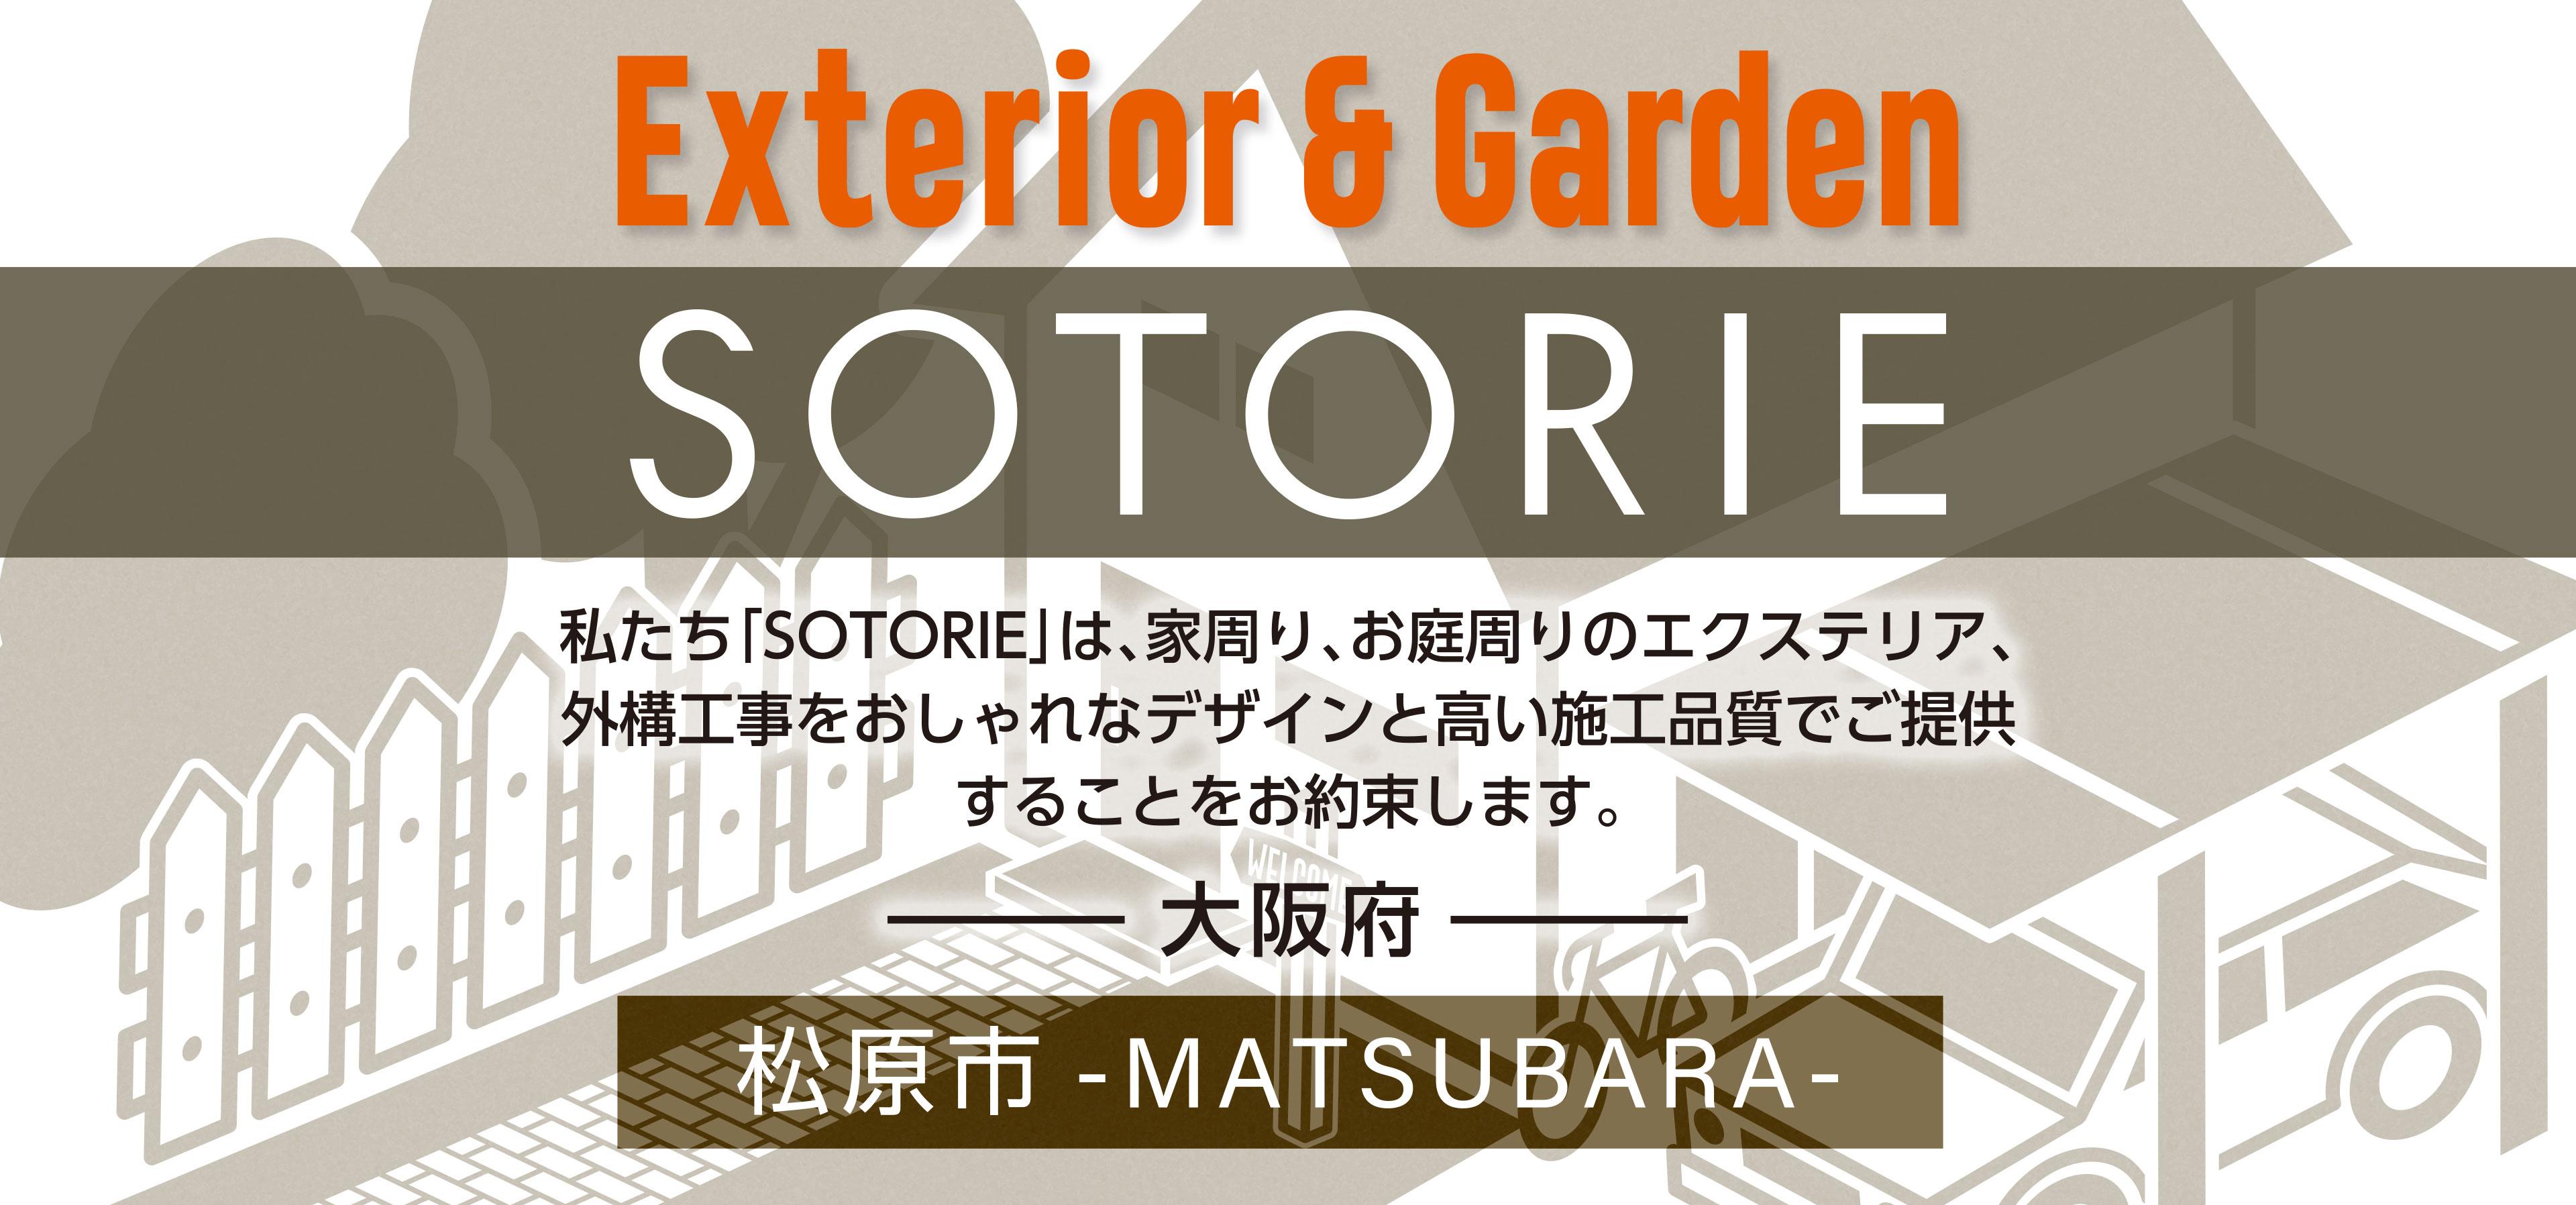 ソトリエ松原市では、家周りと庭周りの外構、エクステリア工事をおしゃれなデザインと高い施工品質でご提供することをお約束します。